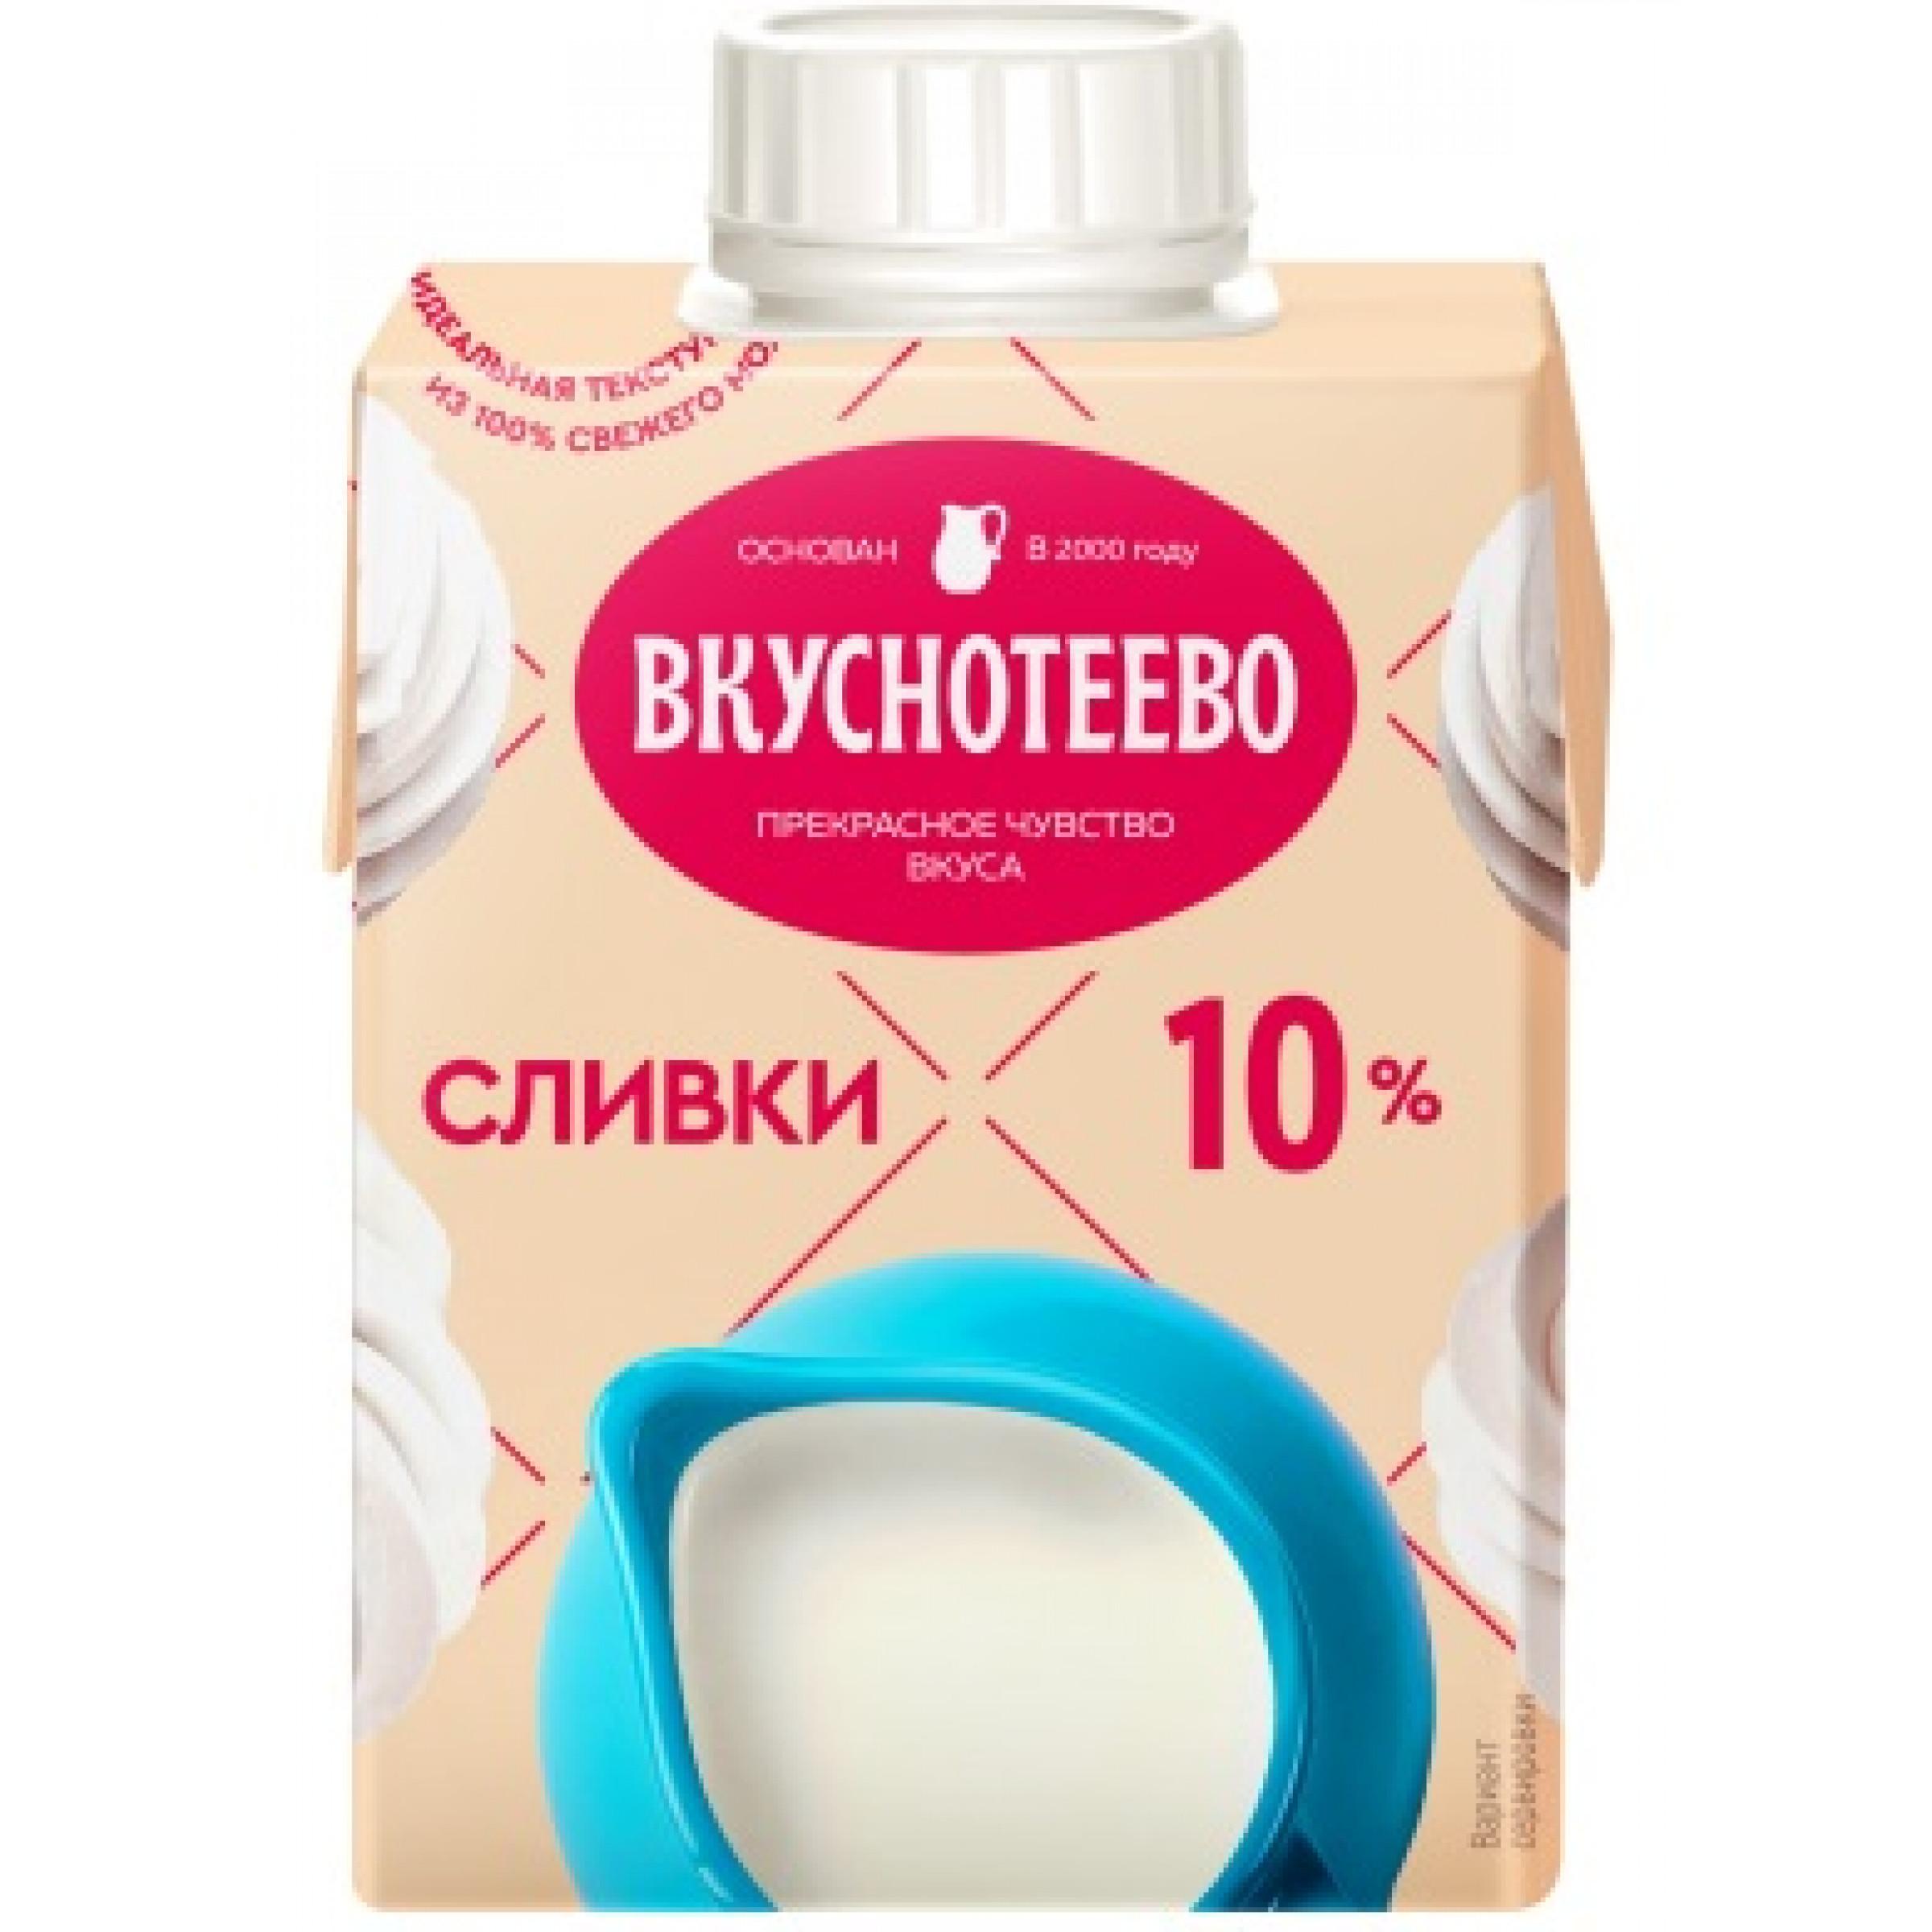 Сливки ультрапастеризованные Вкуснотеево 10%, 475 гр